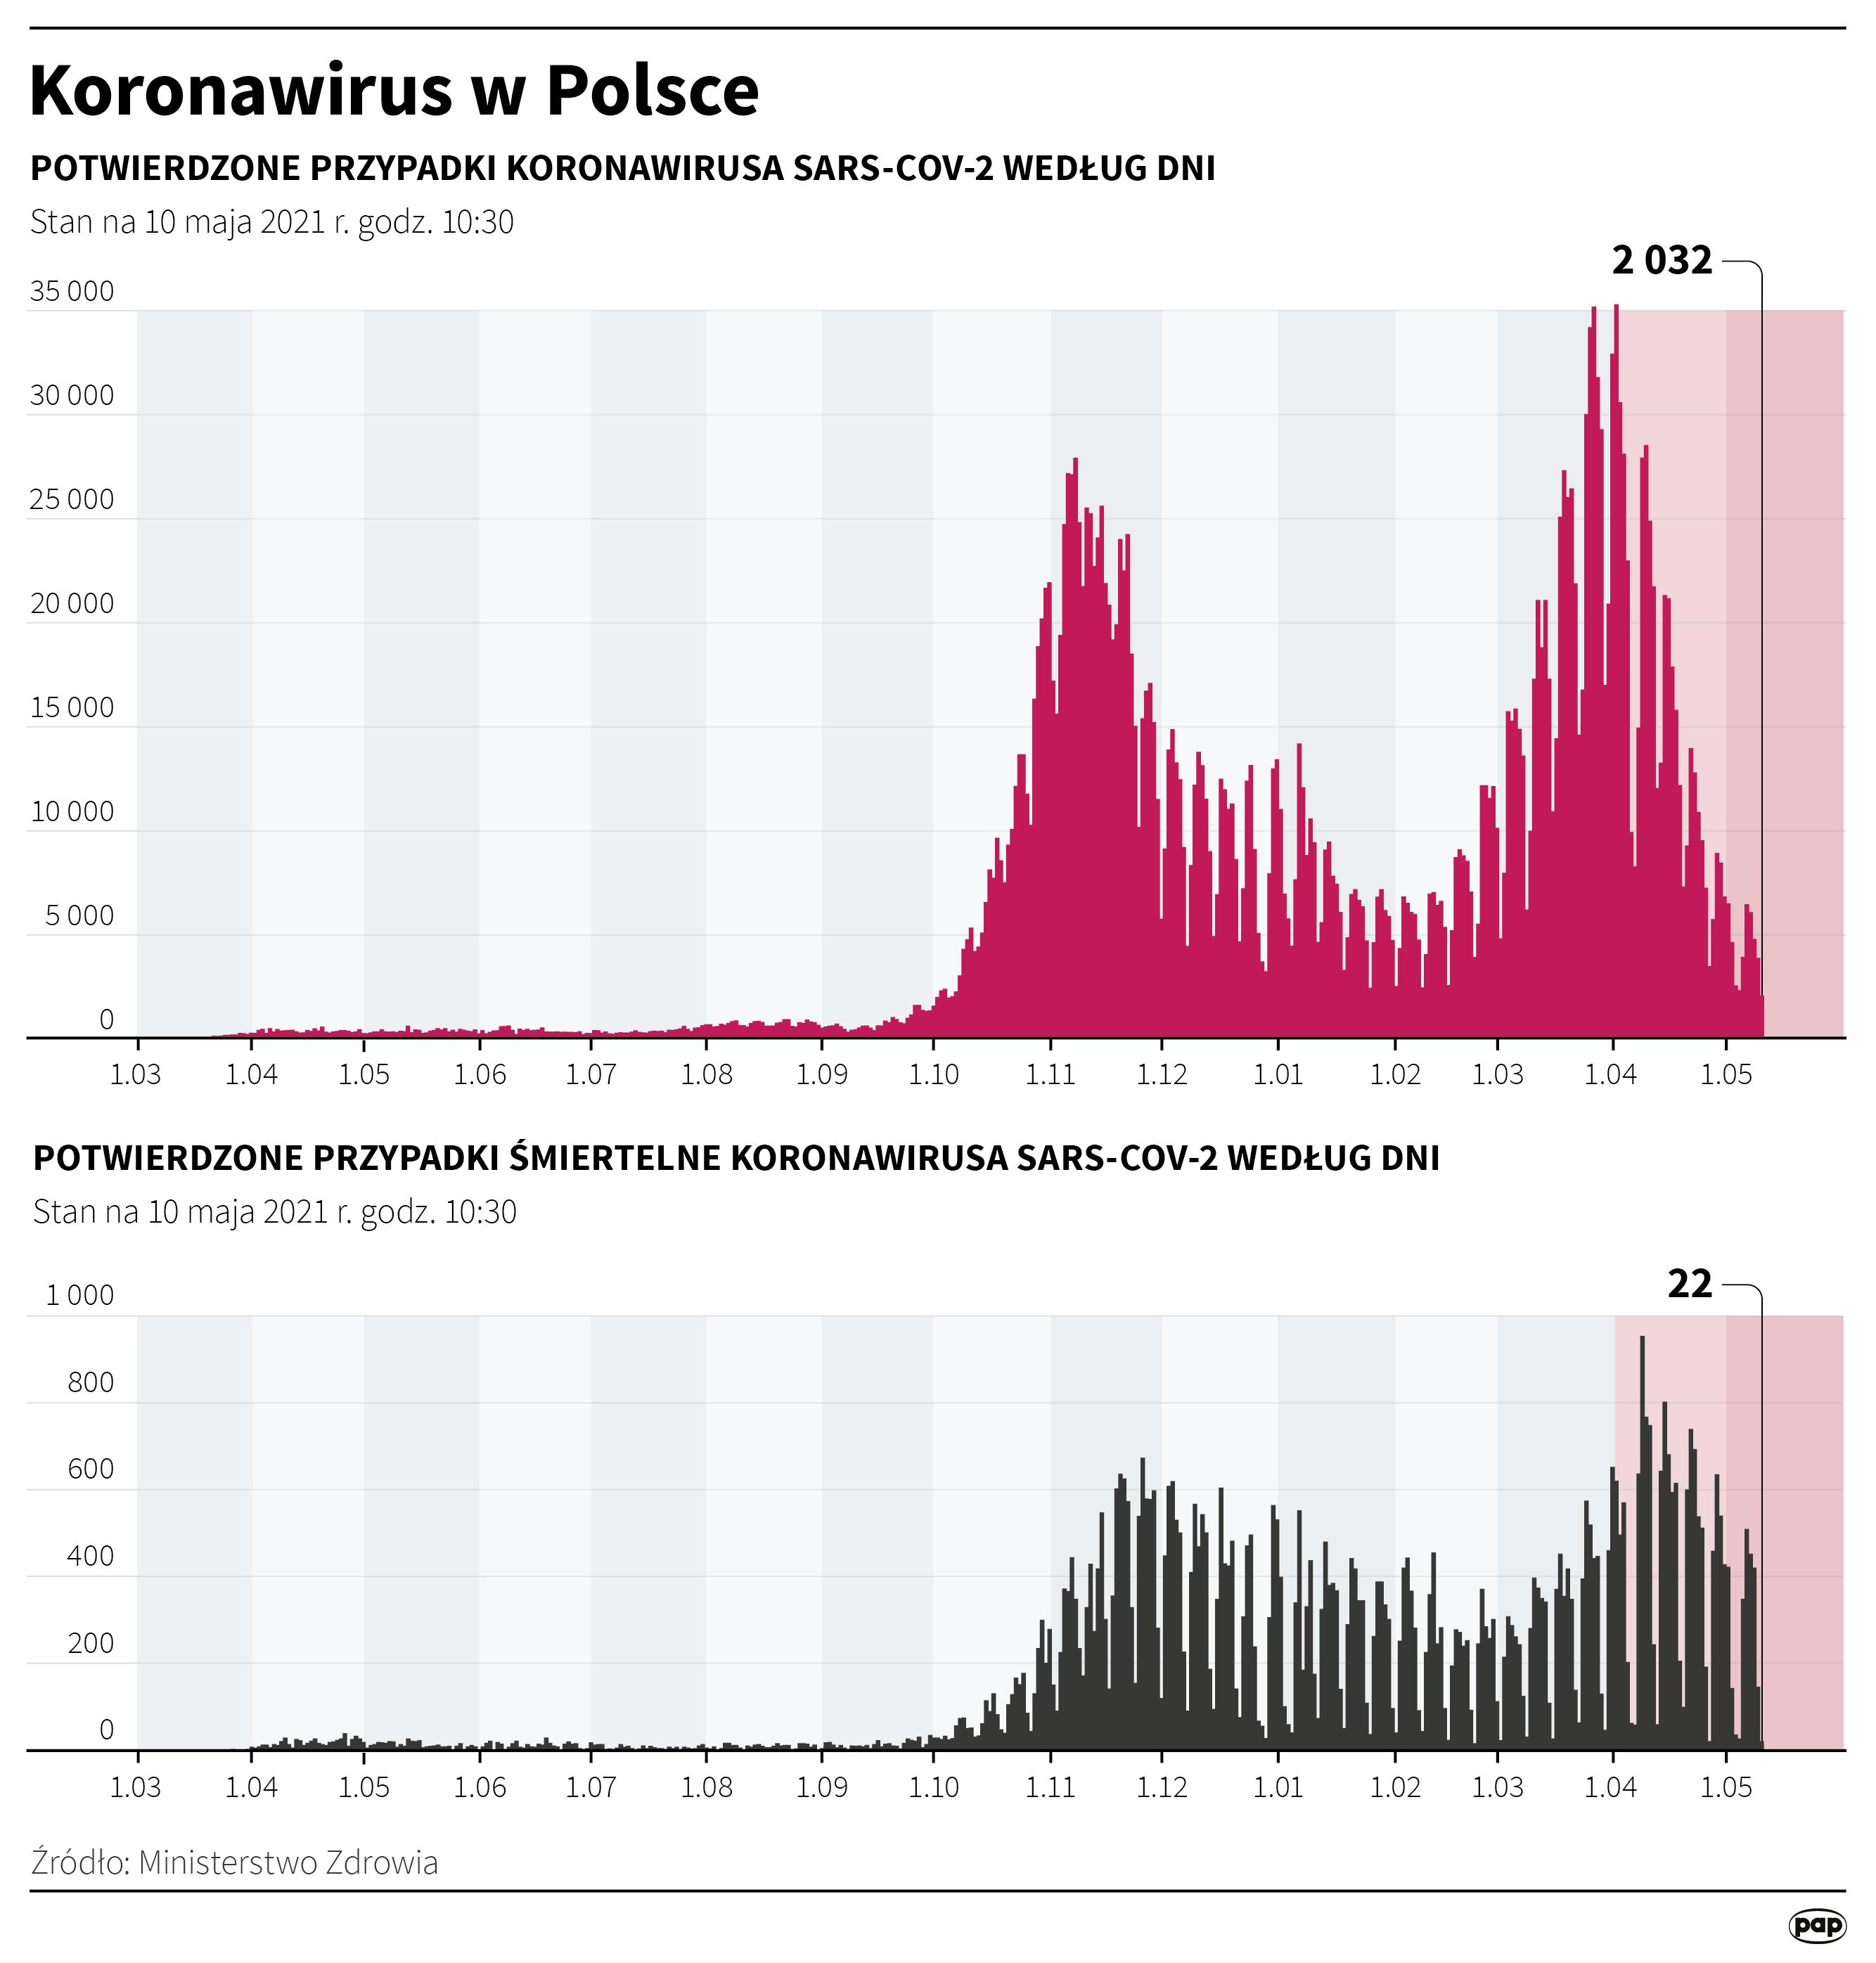 Koronawirus w Polsce stan na 10 maja [autor: Maciej Zieliński, źródło: PAP]